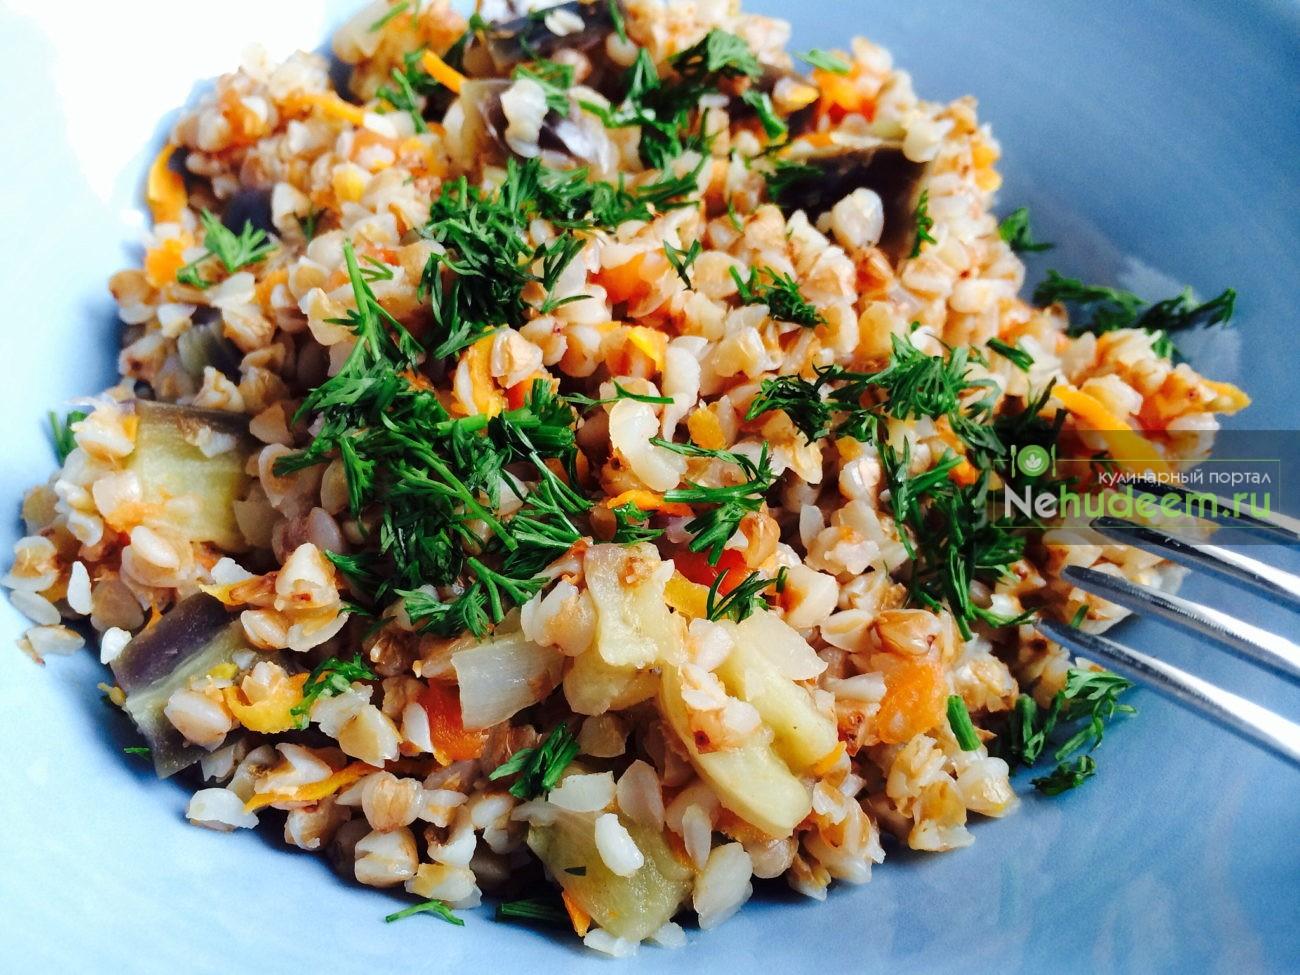 Блюда из гречки 108 рецептов с фото Как приготовить гречку?